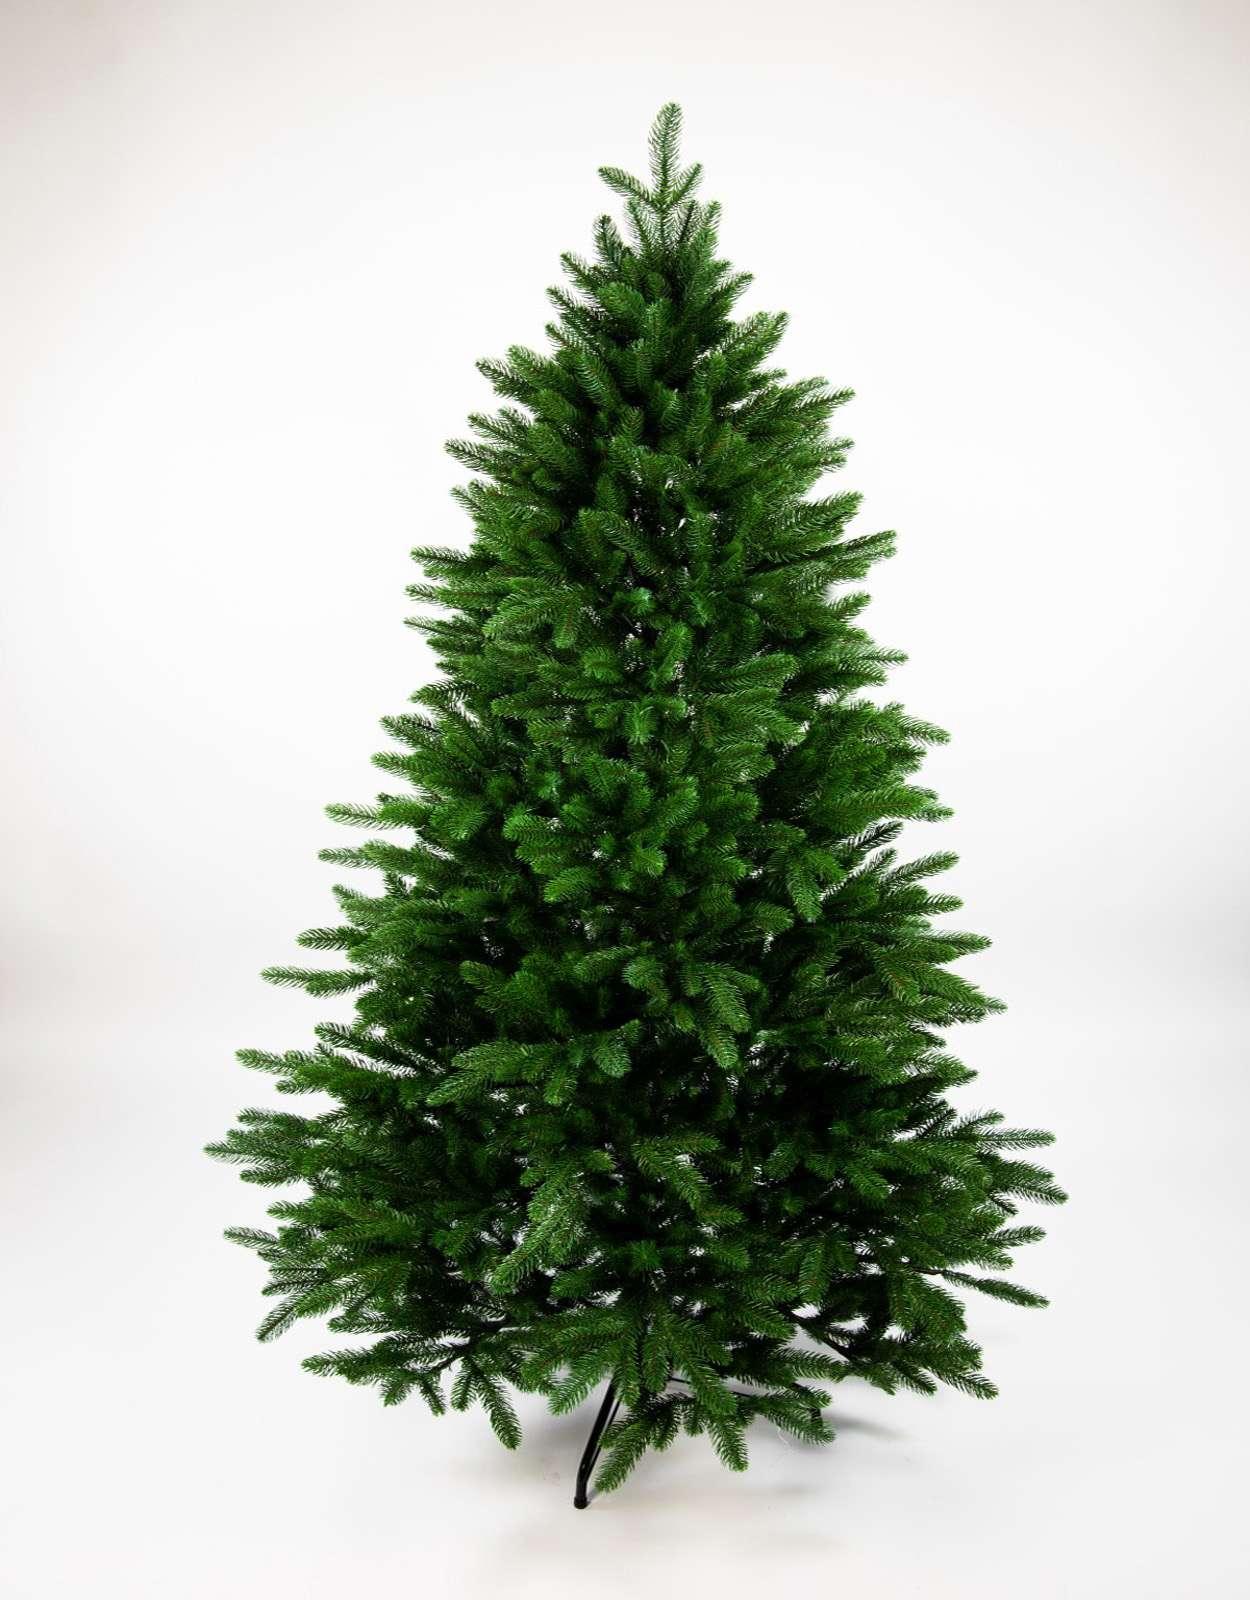 Weihnachtsbaum Tannenbaum.Nordmanntanne 210cm Ls Künstlicher Weihnachtsbaum Tannenbaum Kunststanne Kunststoff Spritzguss